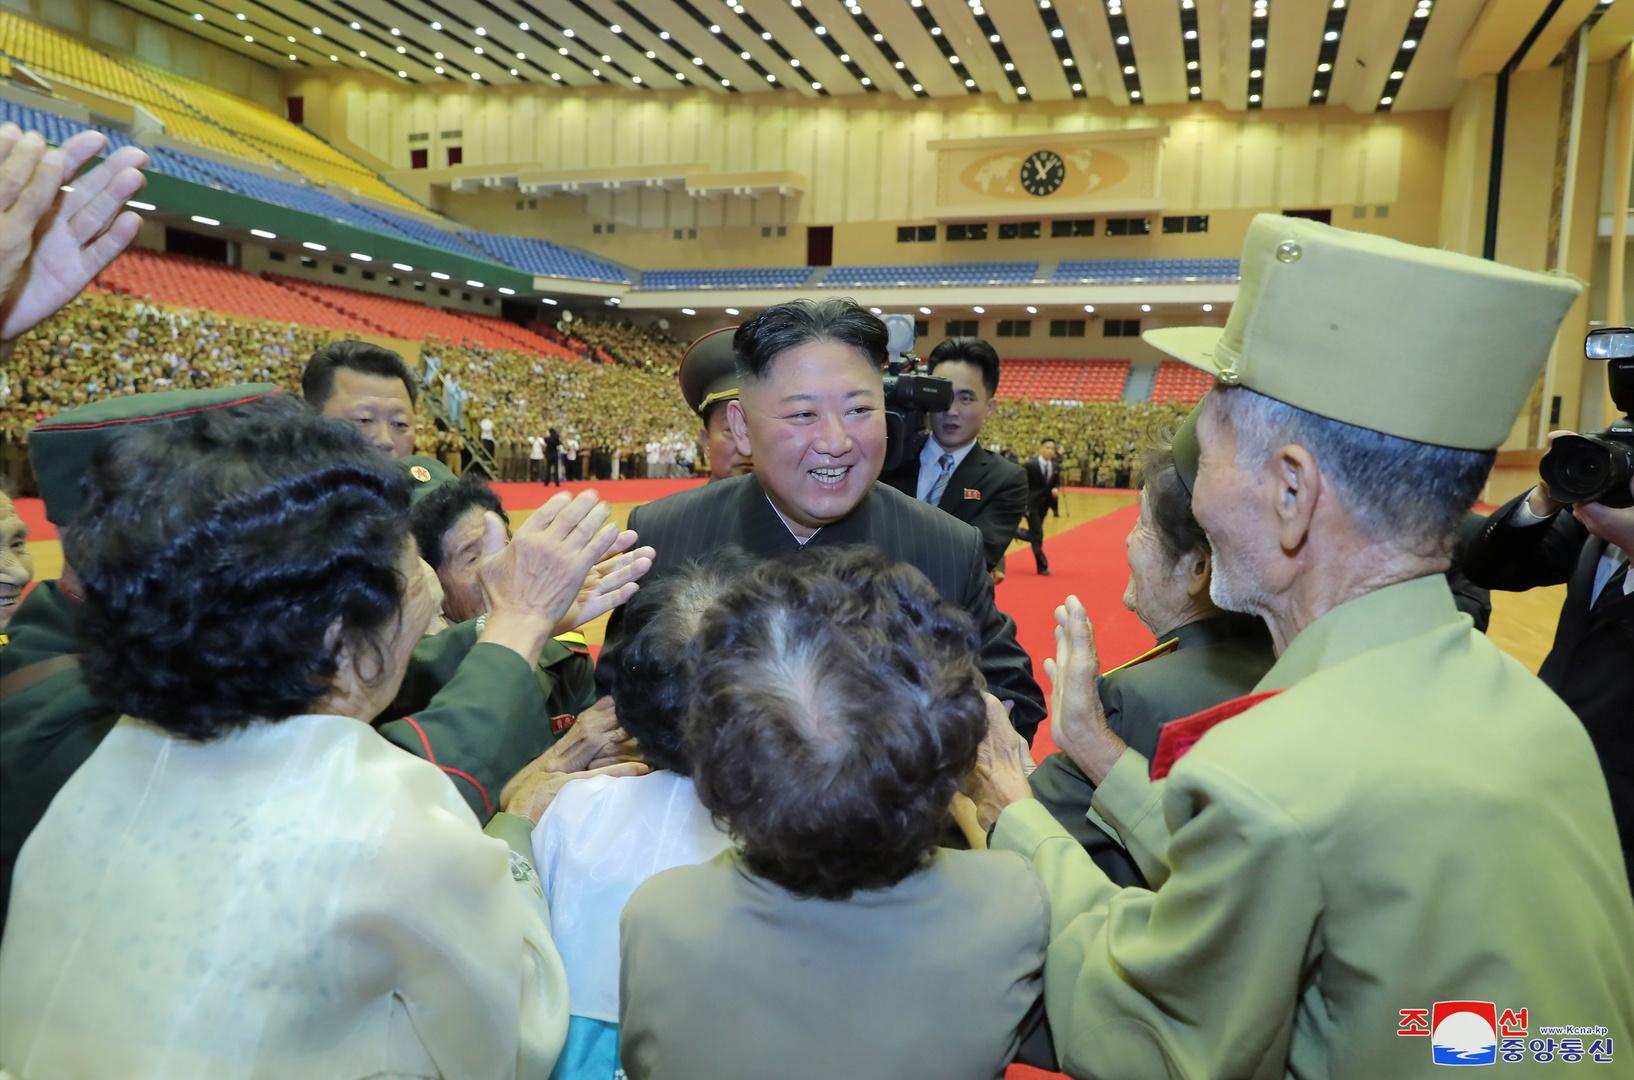 وكالة: كيم جونغ أون لم يتطرق في اجتماع عسكري للسلاح النووي أو للولايات المتحدة